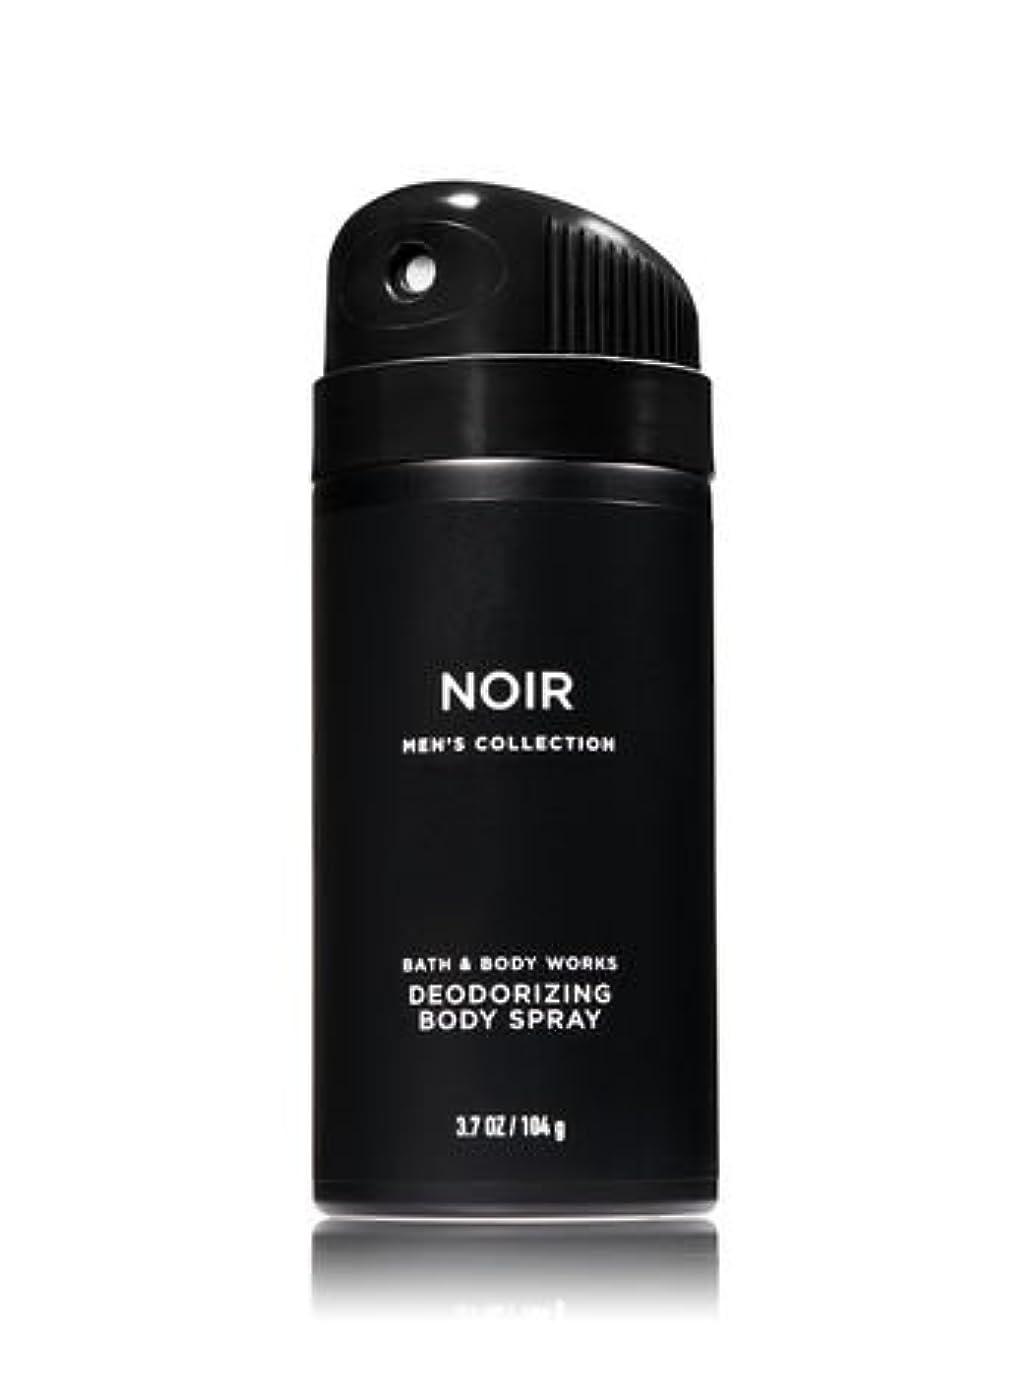 検閲ペスト適応的バス&ボディワークス ノアール フォーメン デオドラント スプレー NOIR For MEN Deodoraizing Body Spray [並行輸入品]